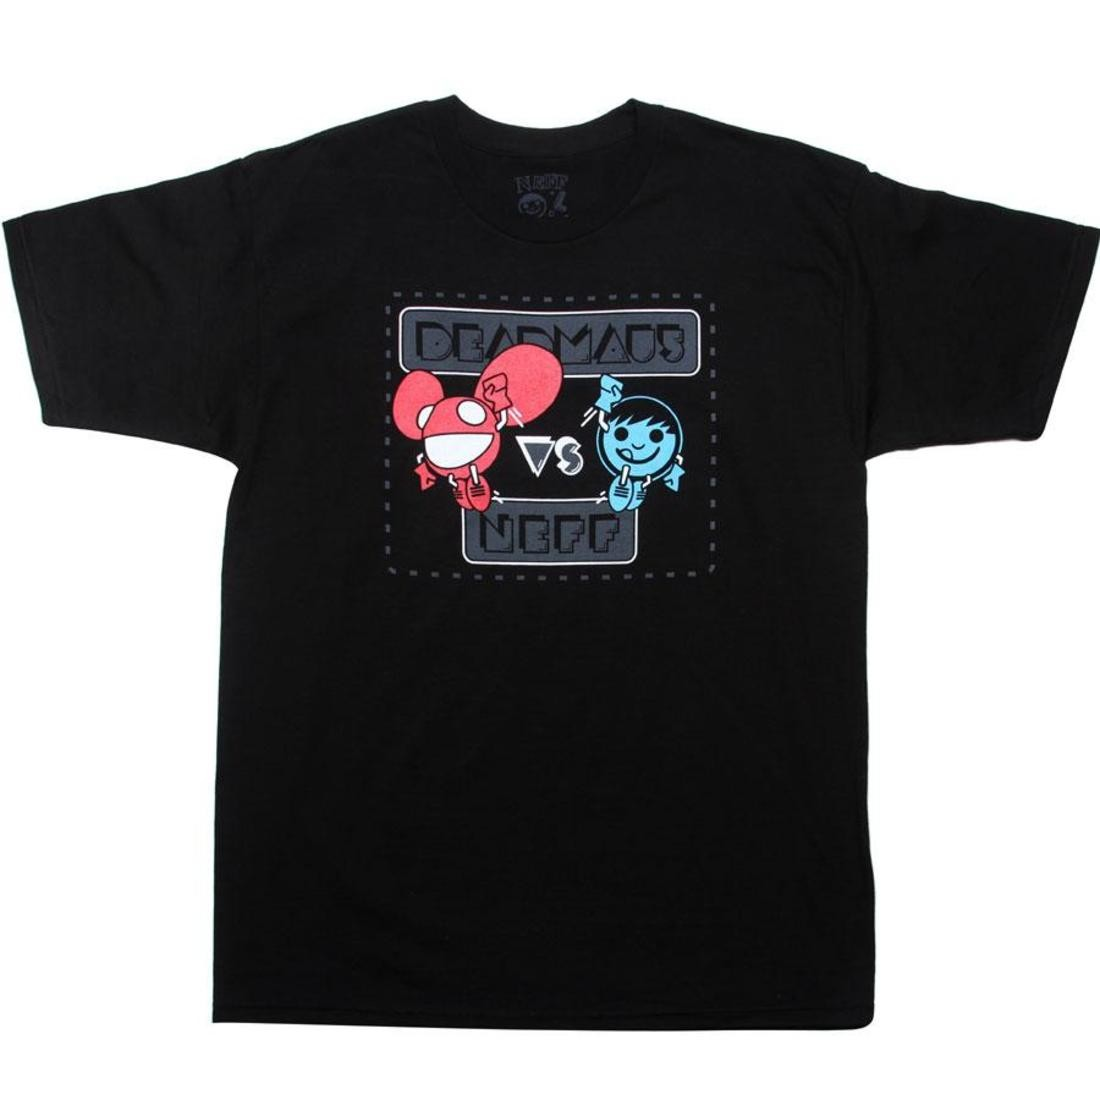 Tシャツ 黒 ブラック 【 BLACK NEFF X DEADMAU5 VERSUS TEE 】 メンズファッション トップス Tシャツ カットソー